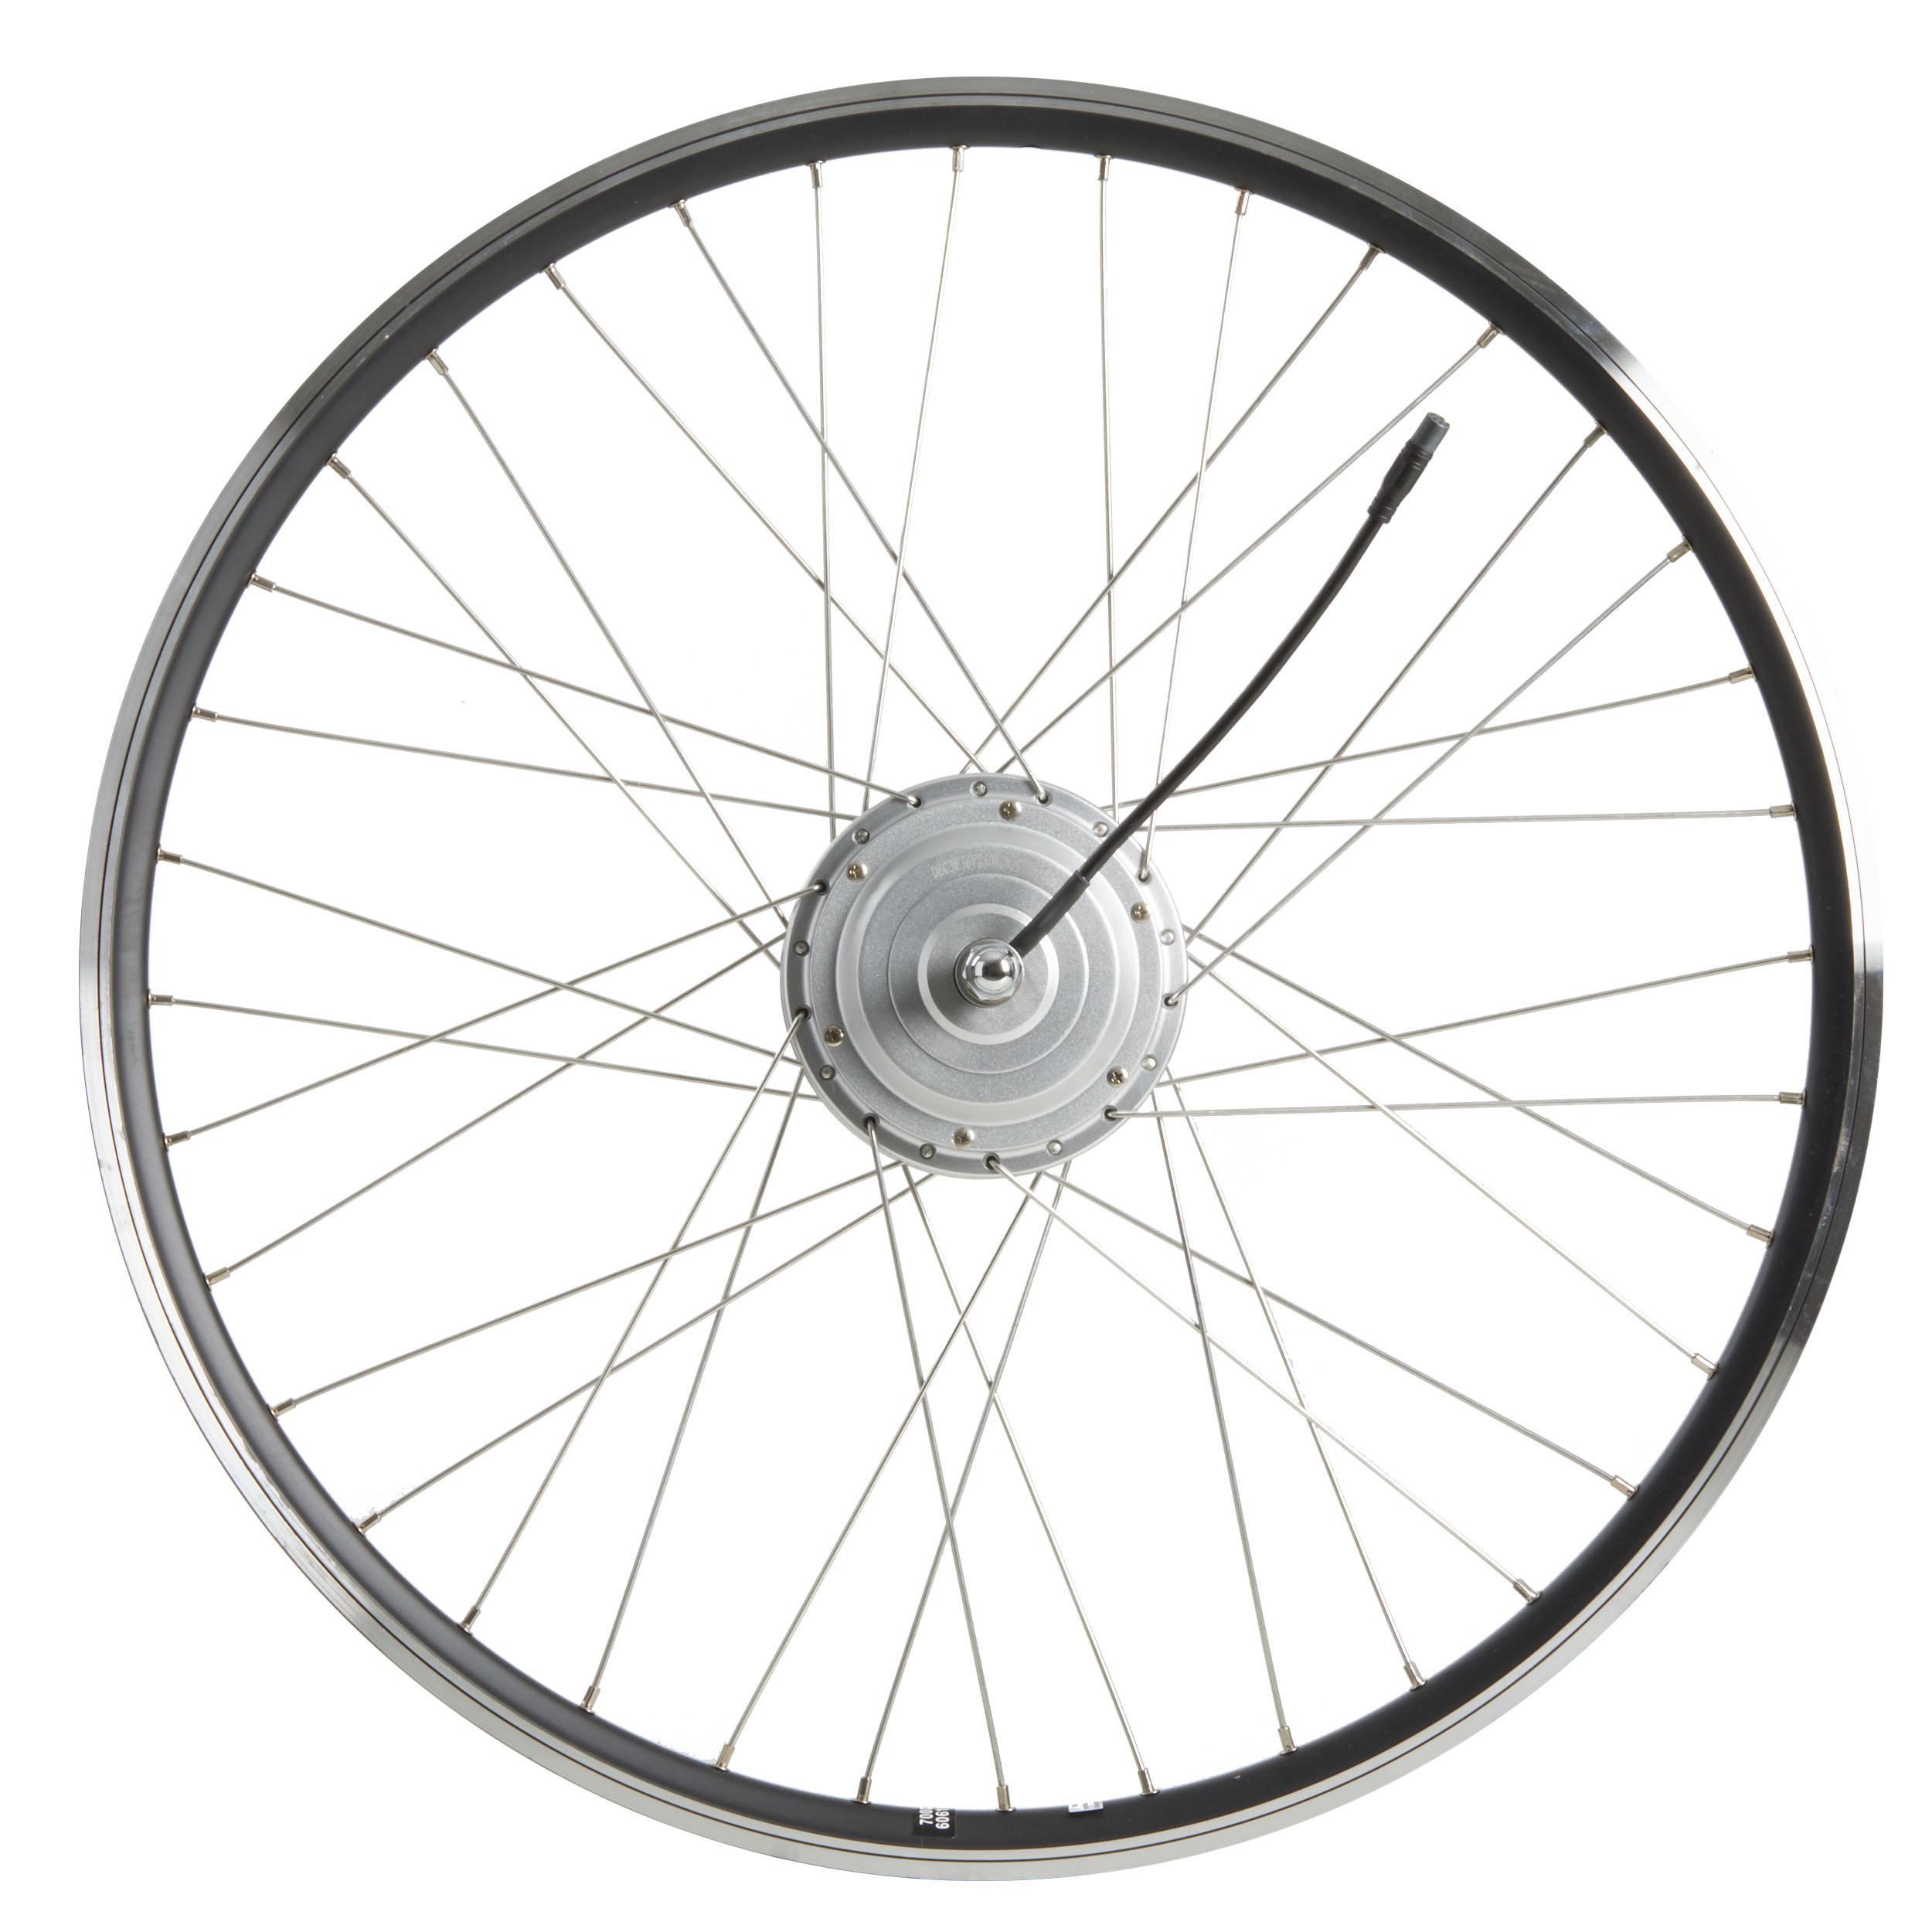 elops ruota anteriore bici elettrica città b900/ 900 36 volt nera